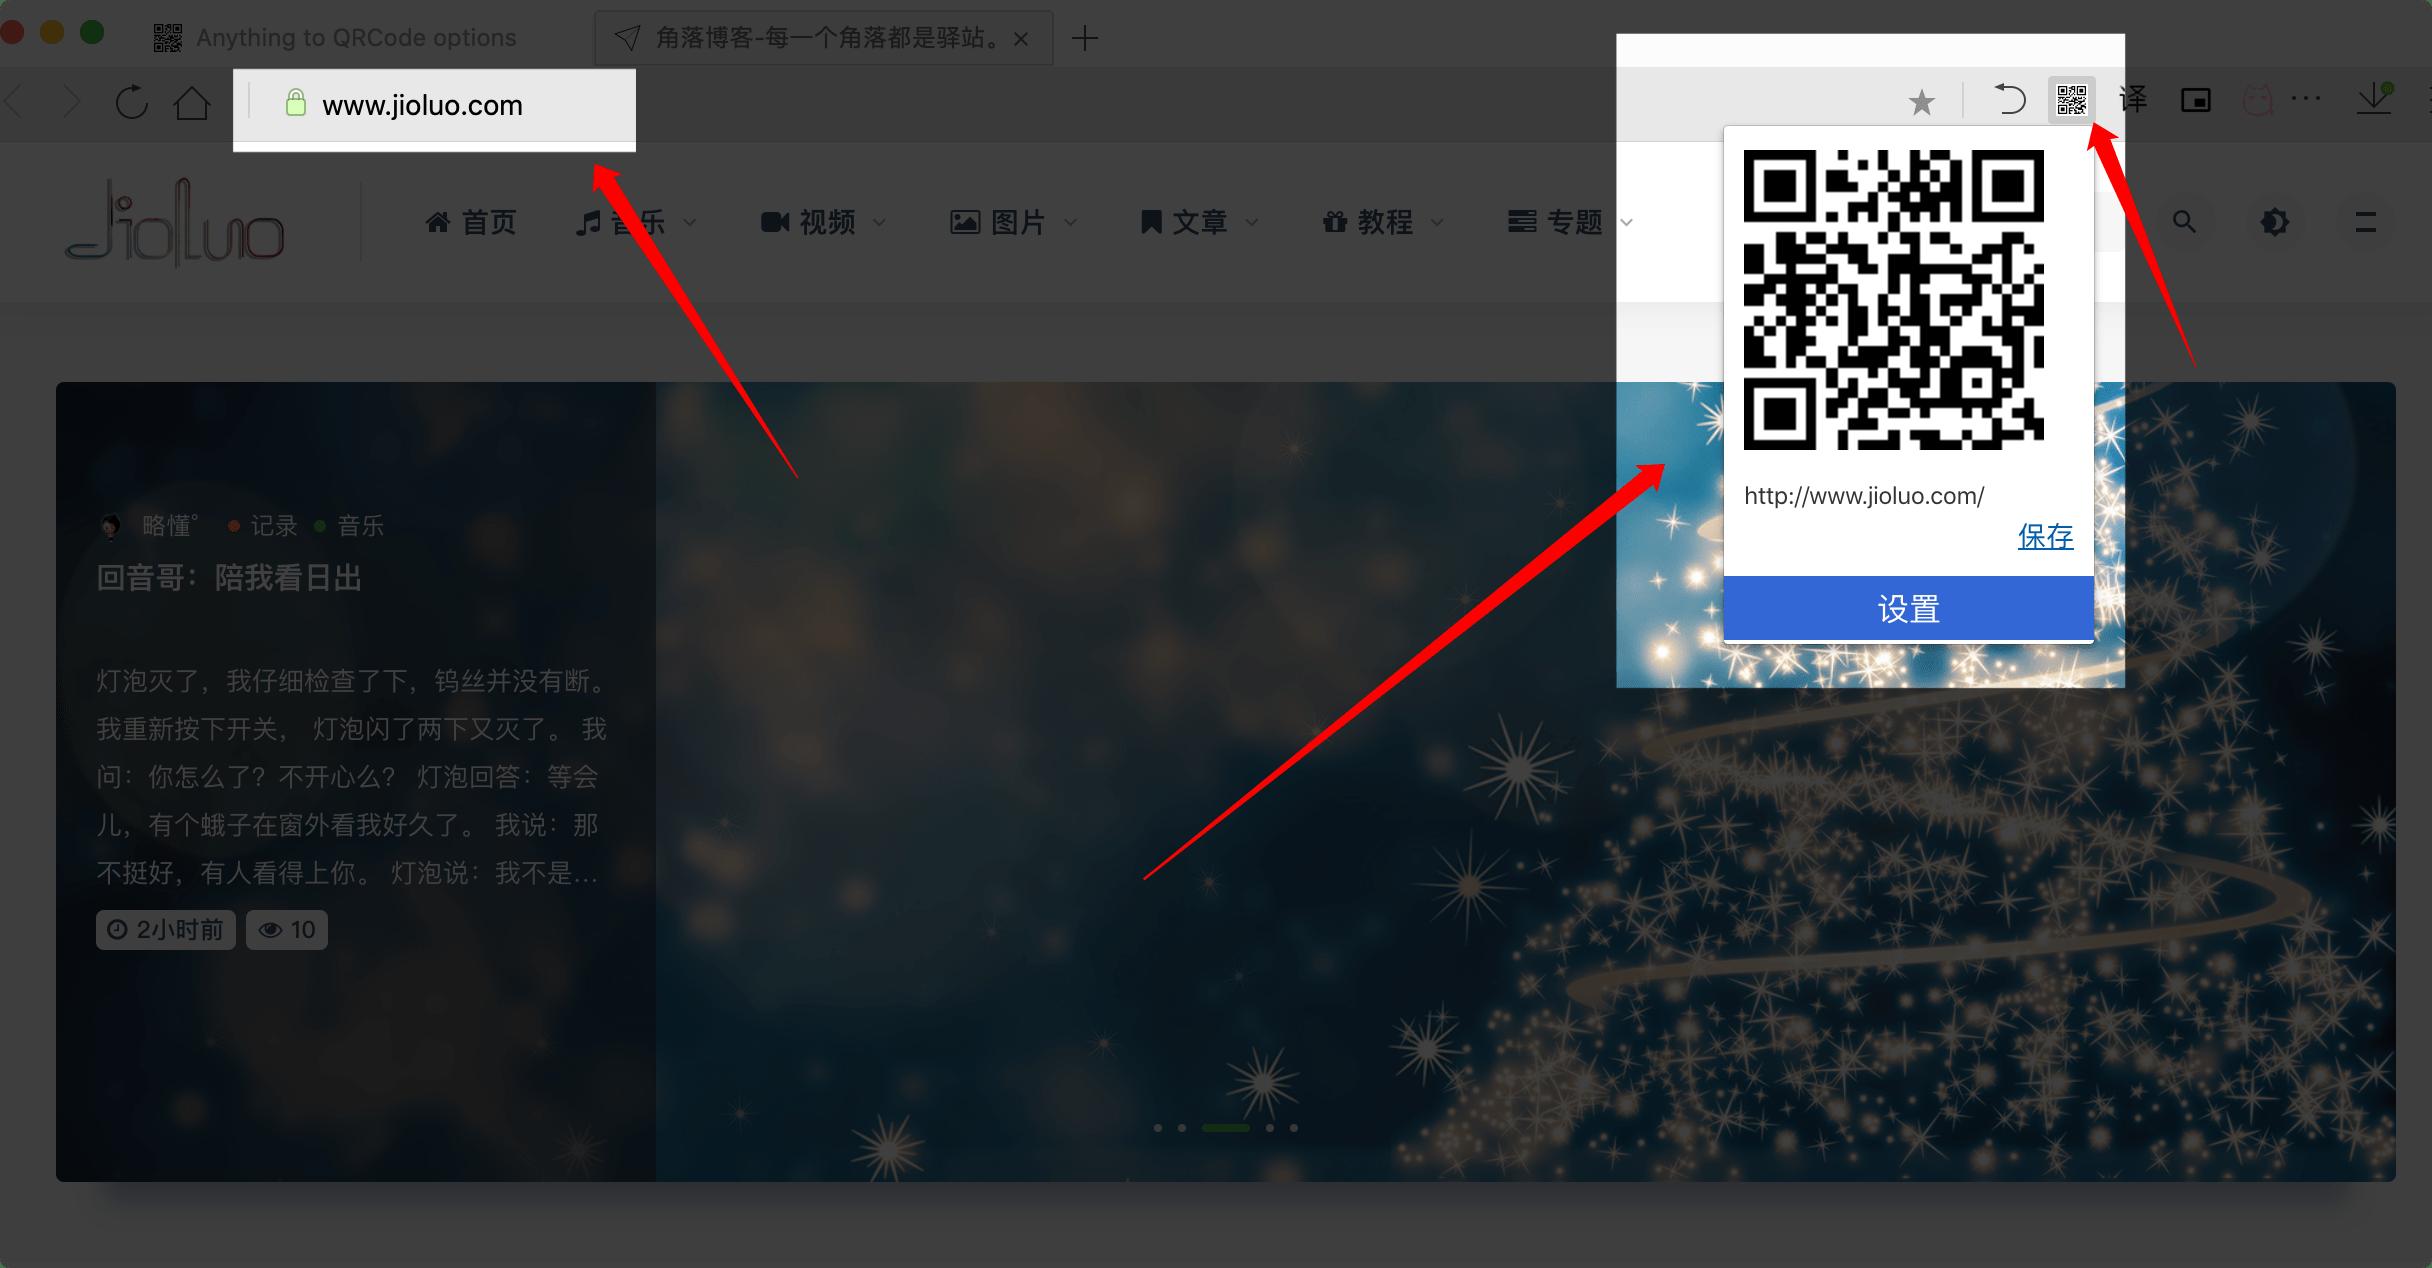 如何将电脑浏览的网页发送到手机上?插图1